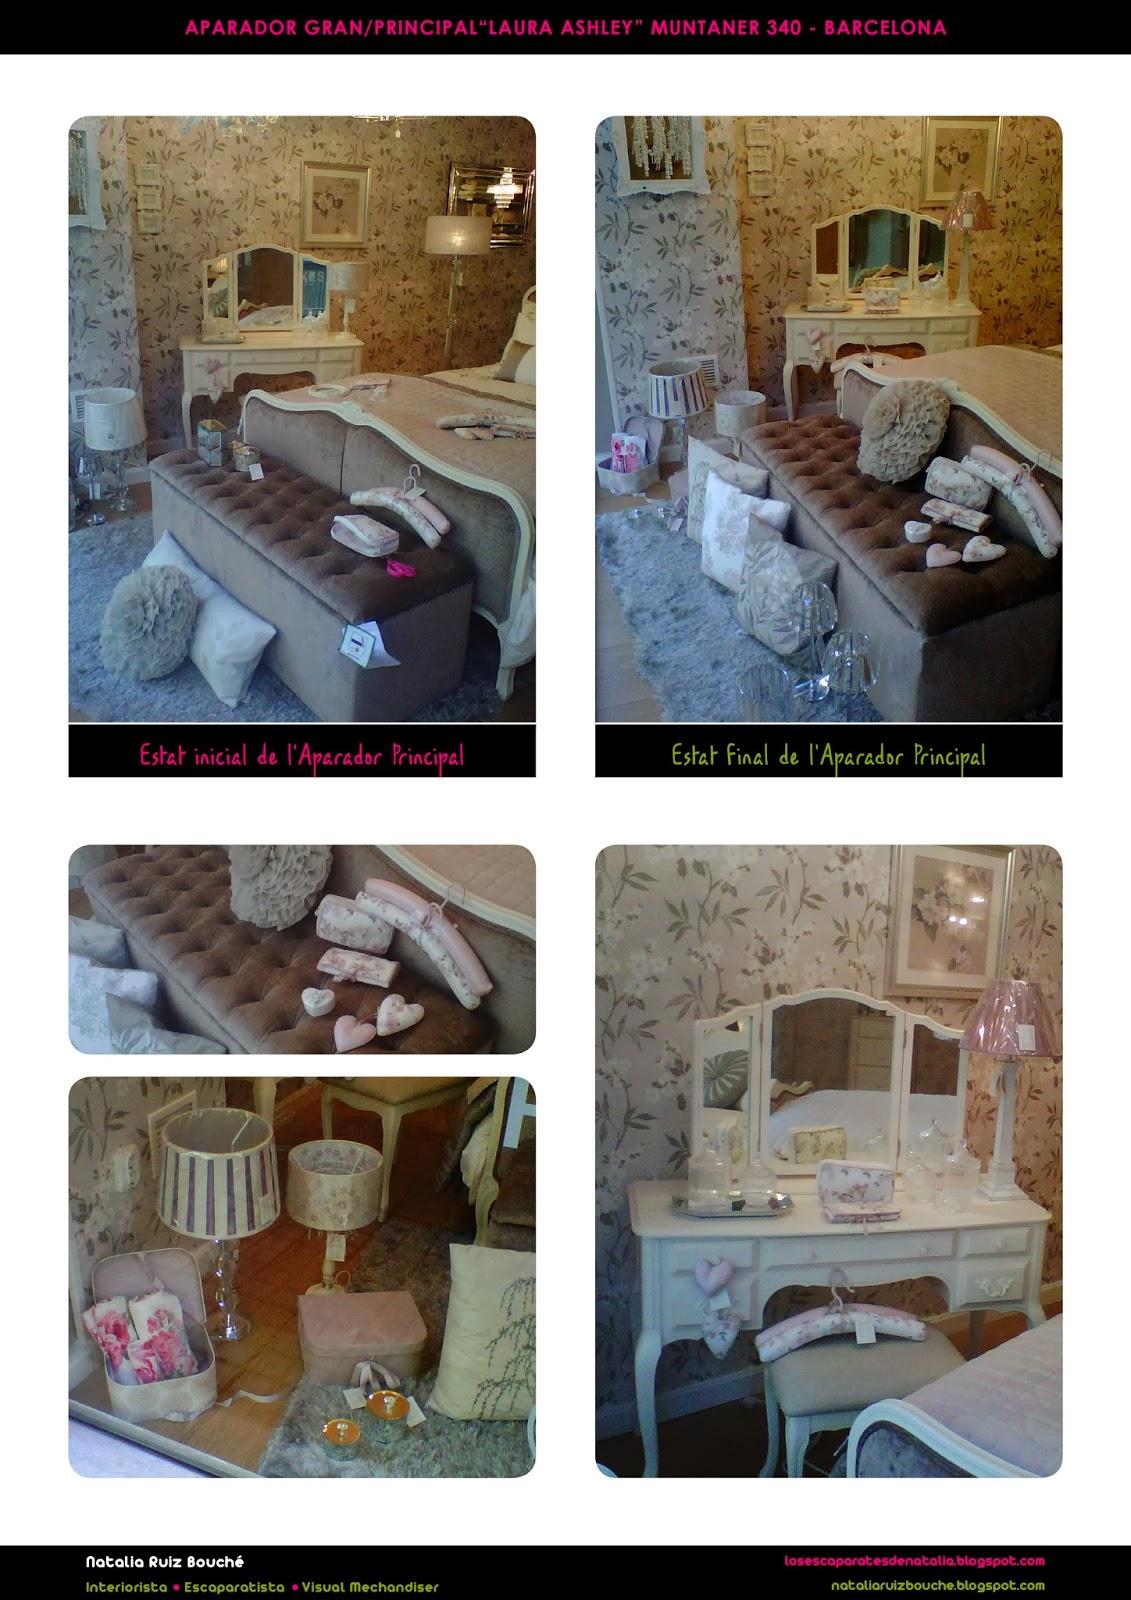 Los escaparates de natalia mobiliario y decoraci n tiempo - Laura ashley barcelona ...